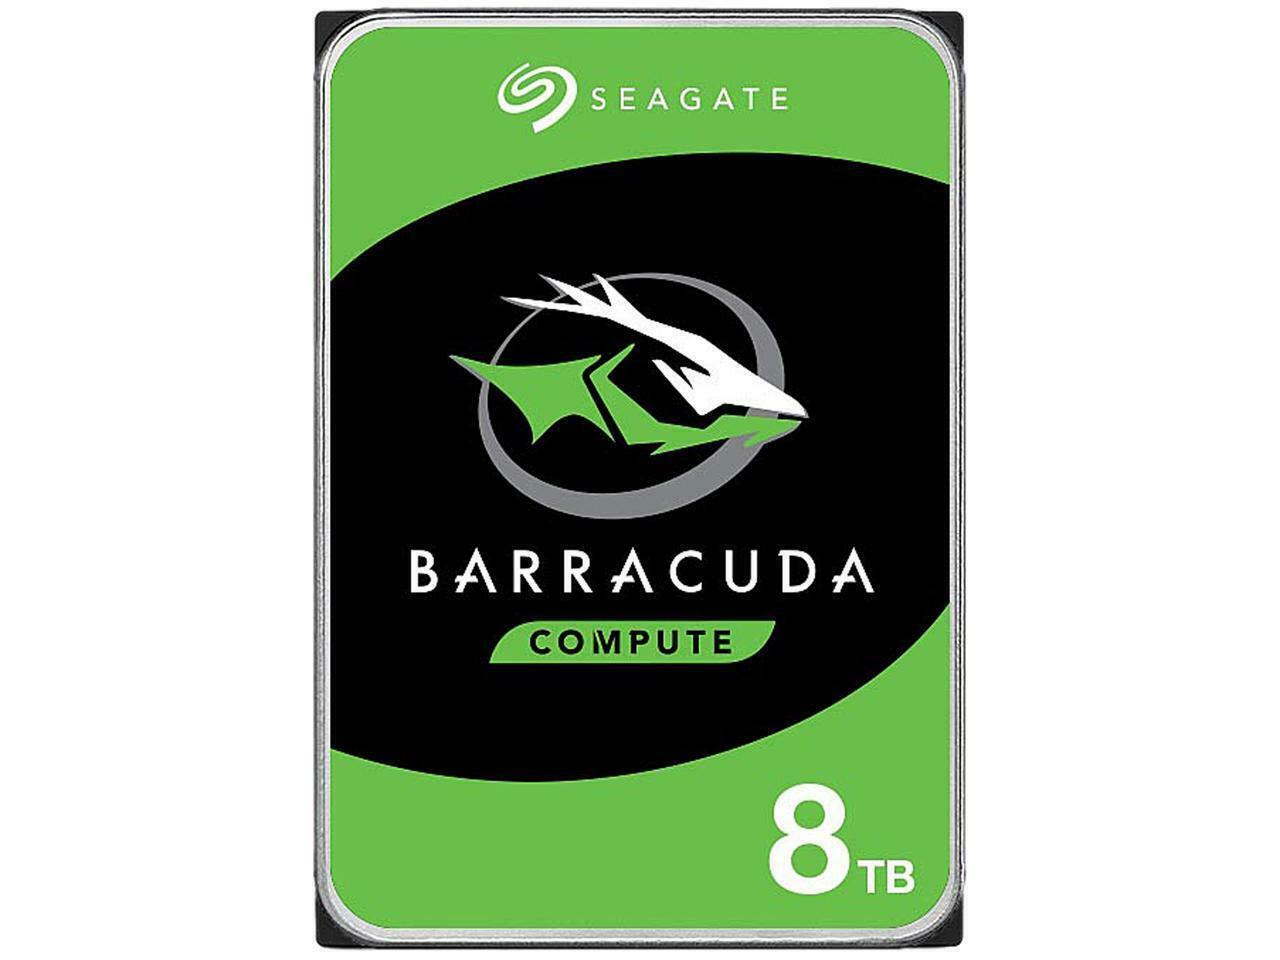 HD 8TB Seagate Barracuda 8TB 5200 rpm